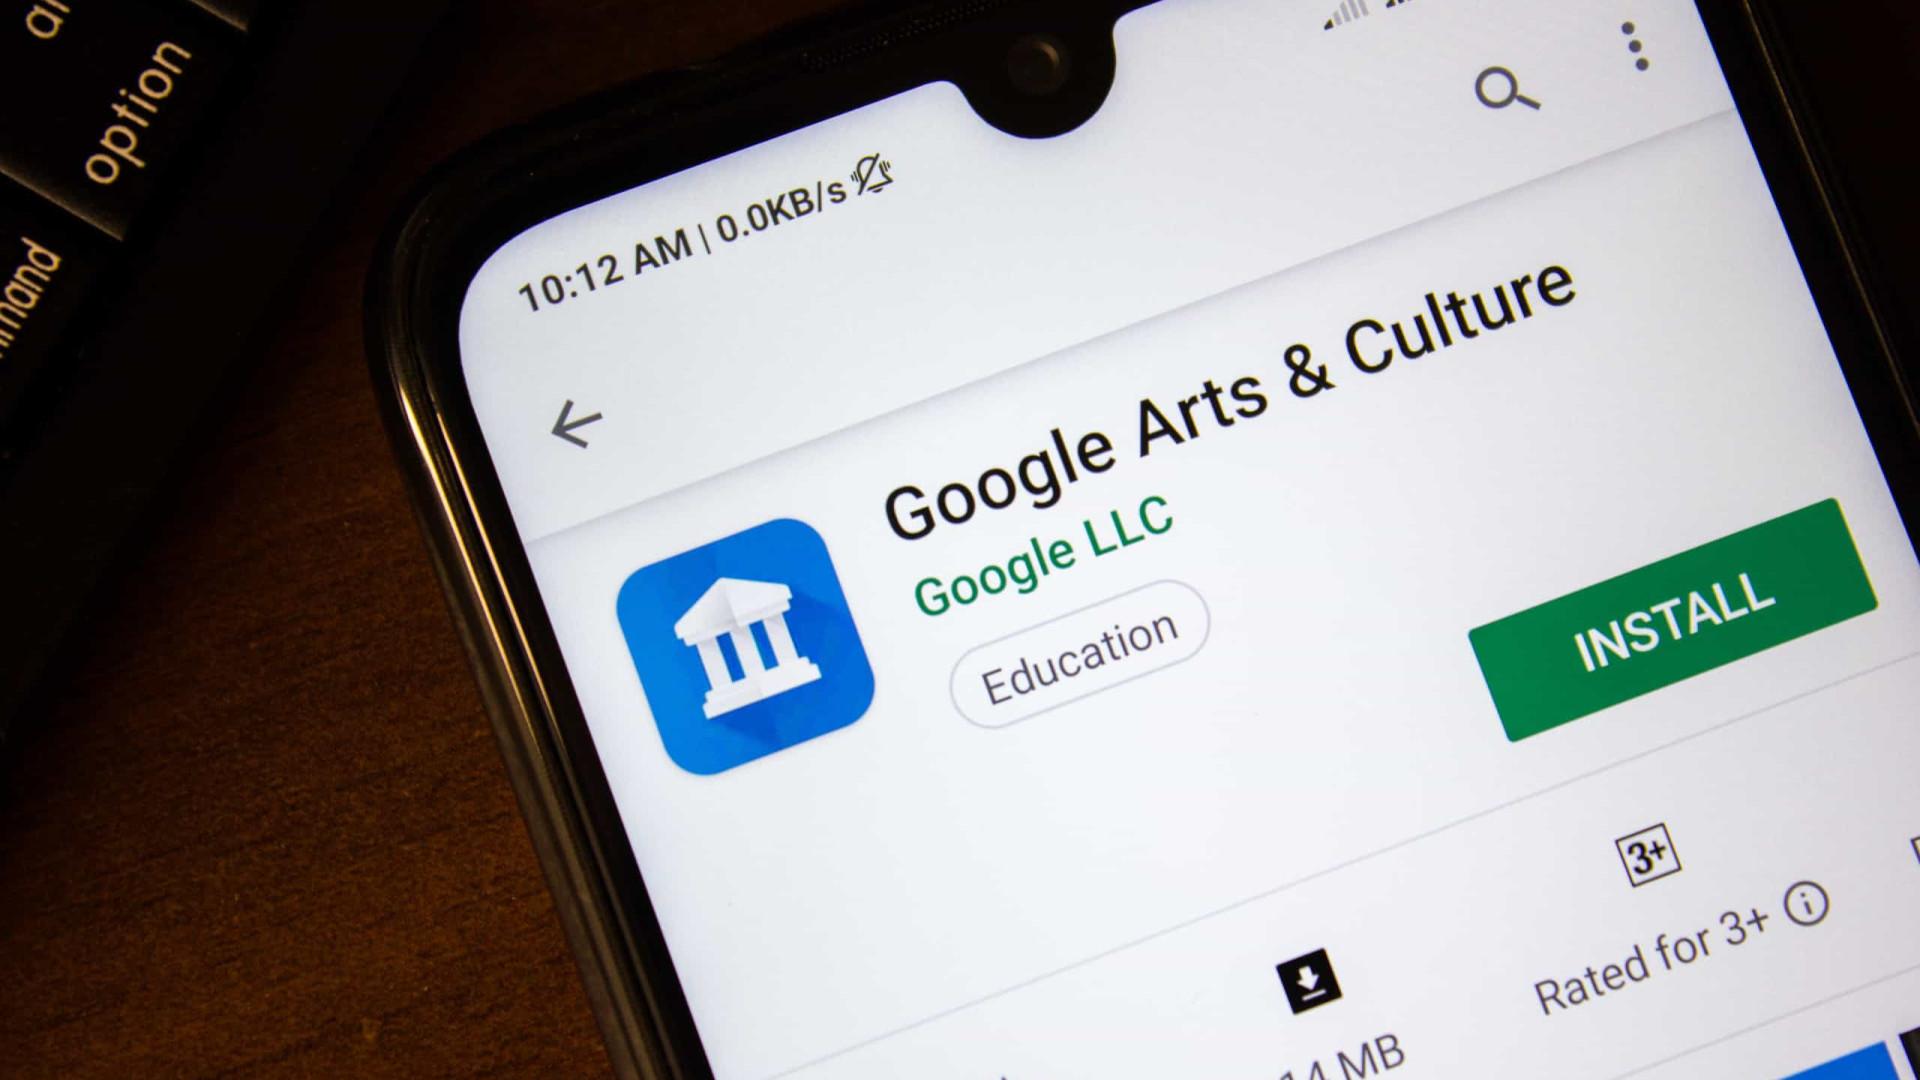 Ferramenta do Google facilita tradução de hieróglifos